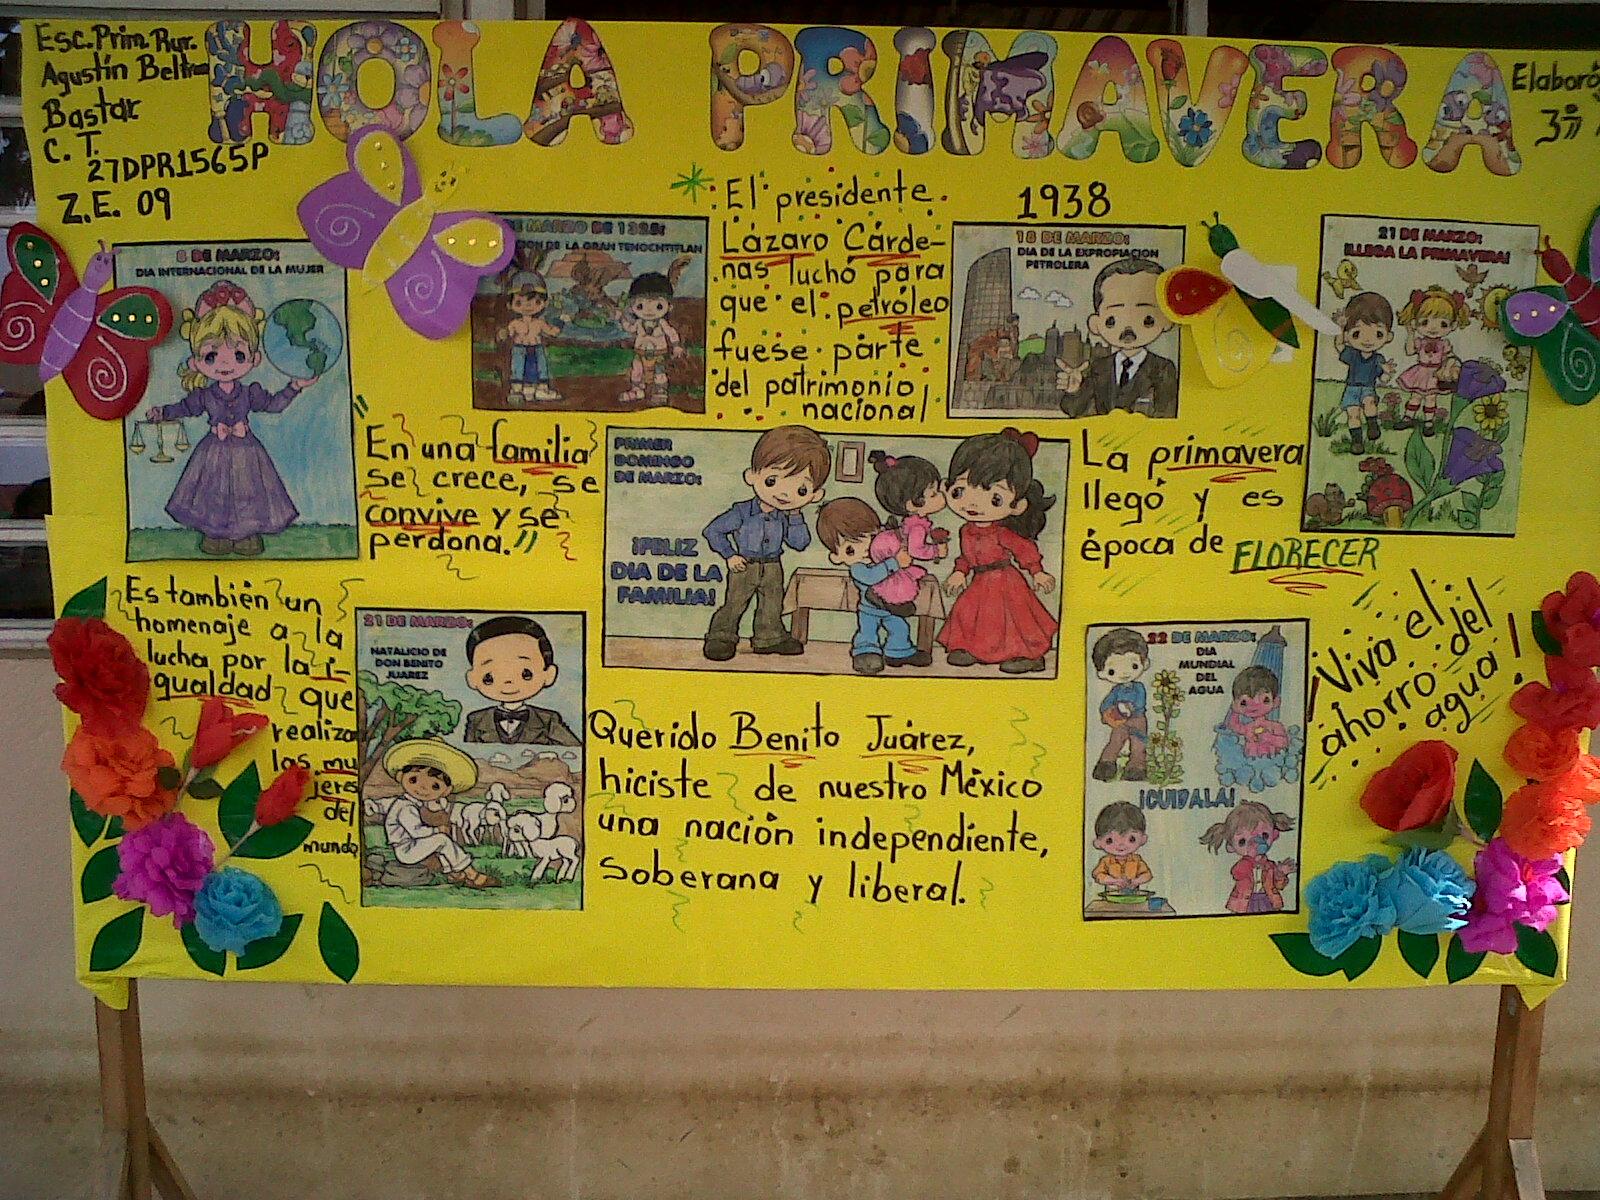 Periodico mural 6 imagenes educativas for Componentes de un periodico mural